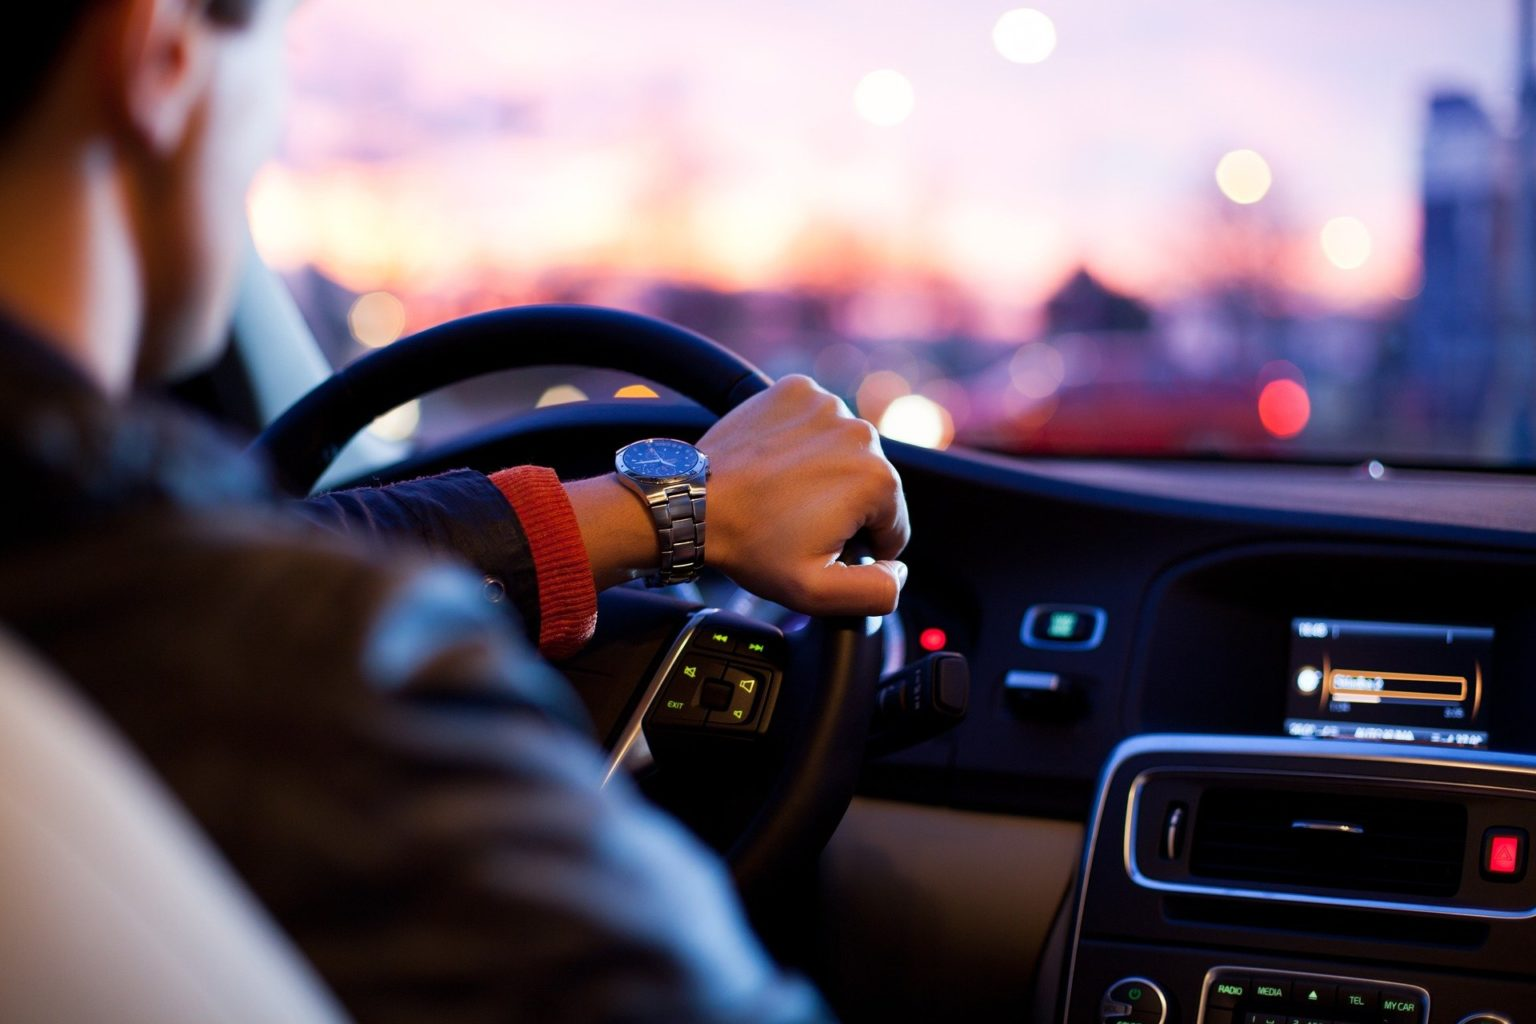 Казахстан занял 51-е место в рейтинге худших стран мира по трафику